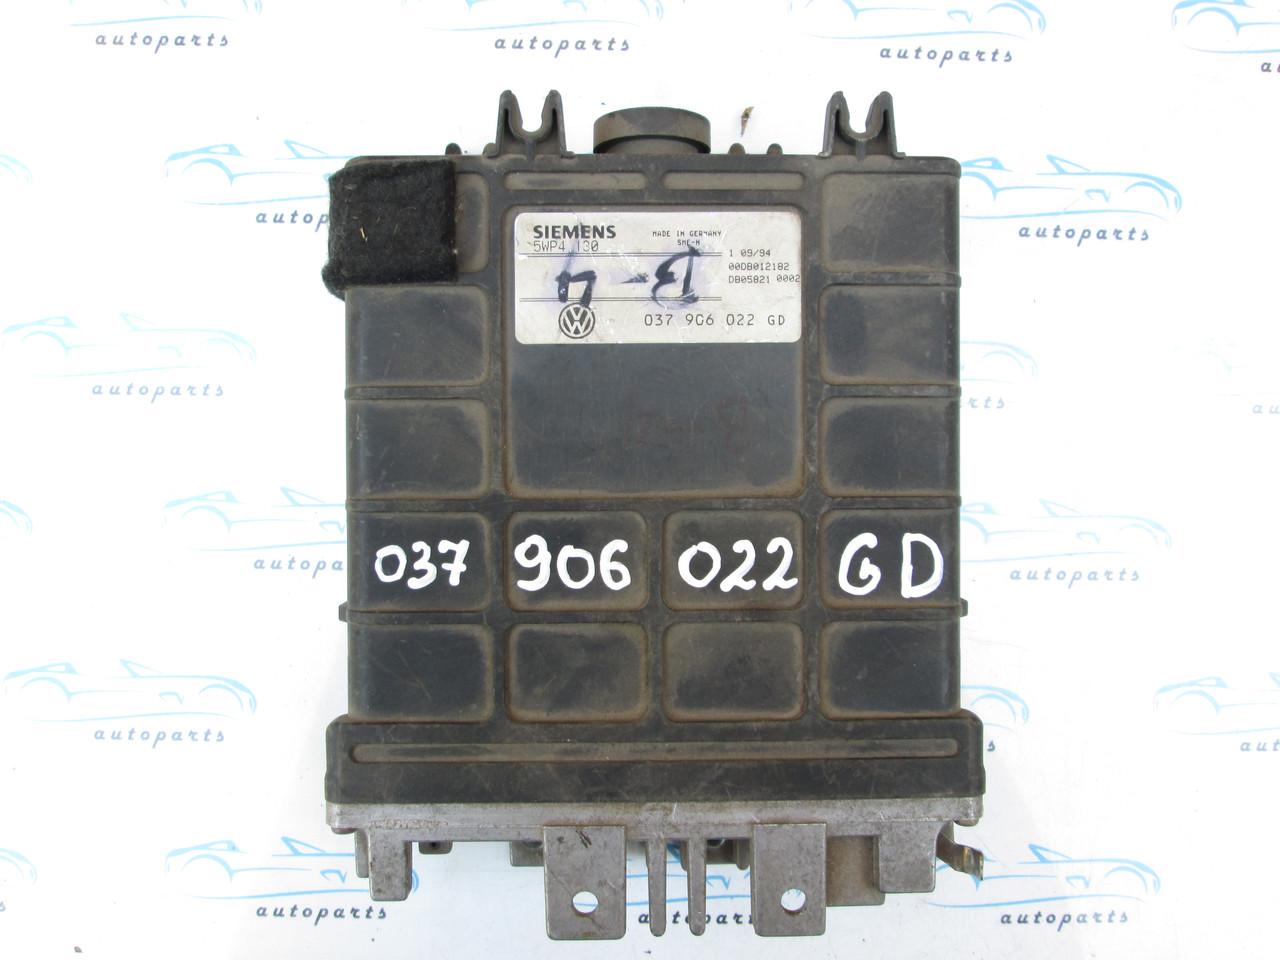 Блок управления VAG 037906022 GD, 5WP4130